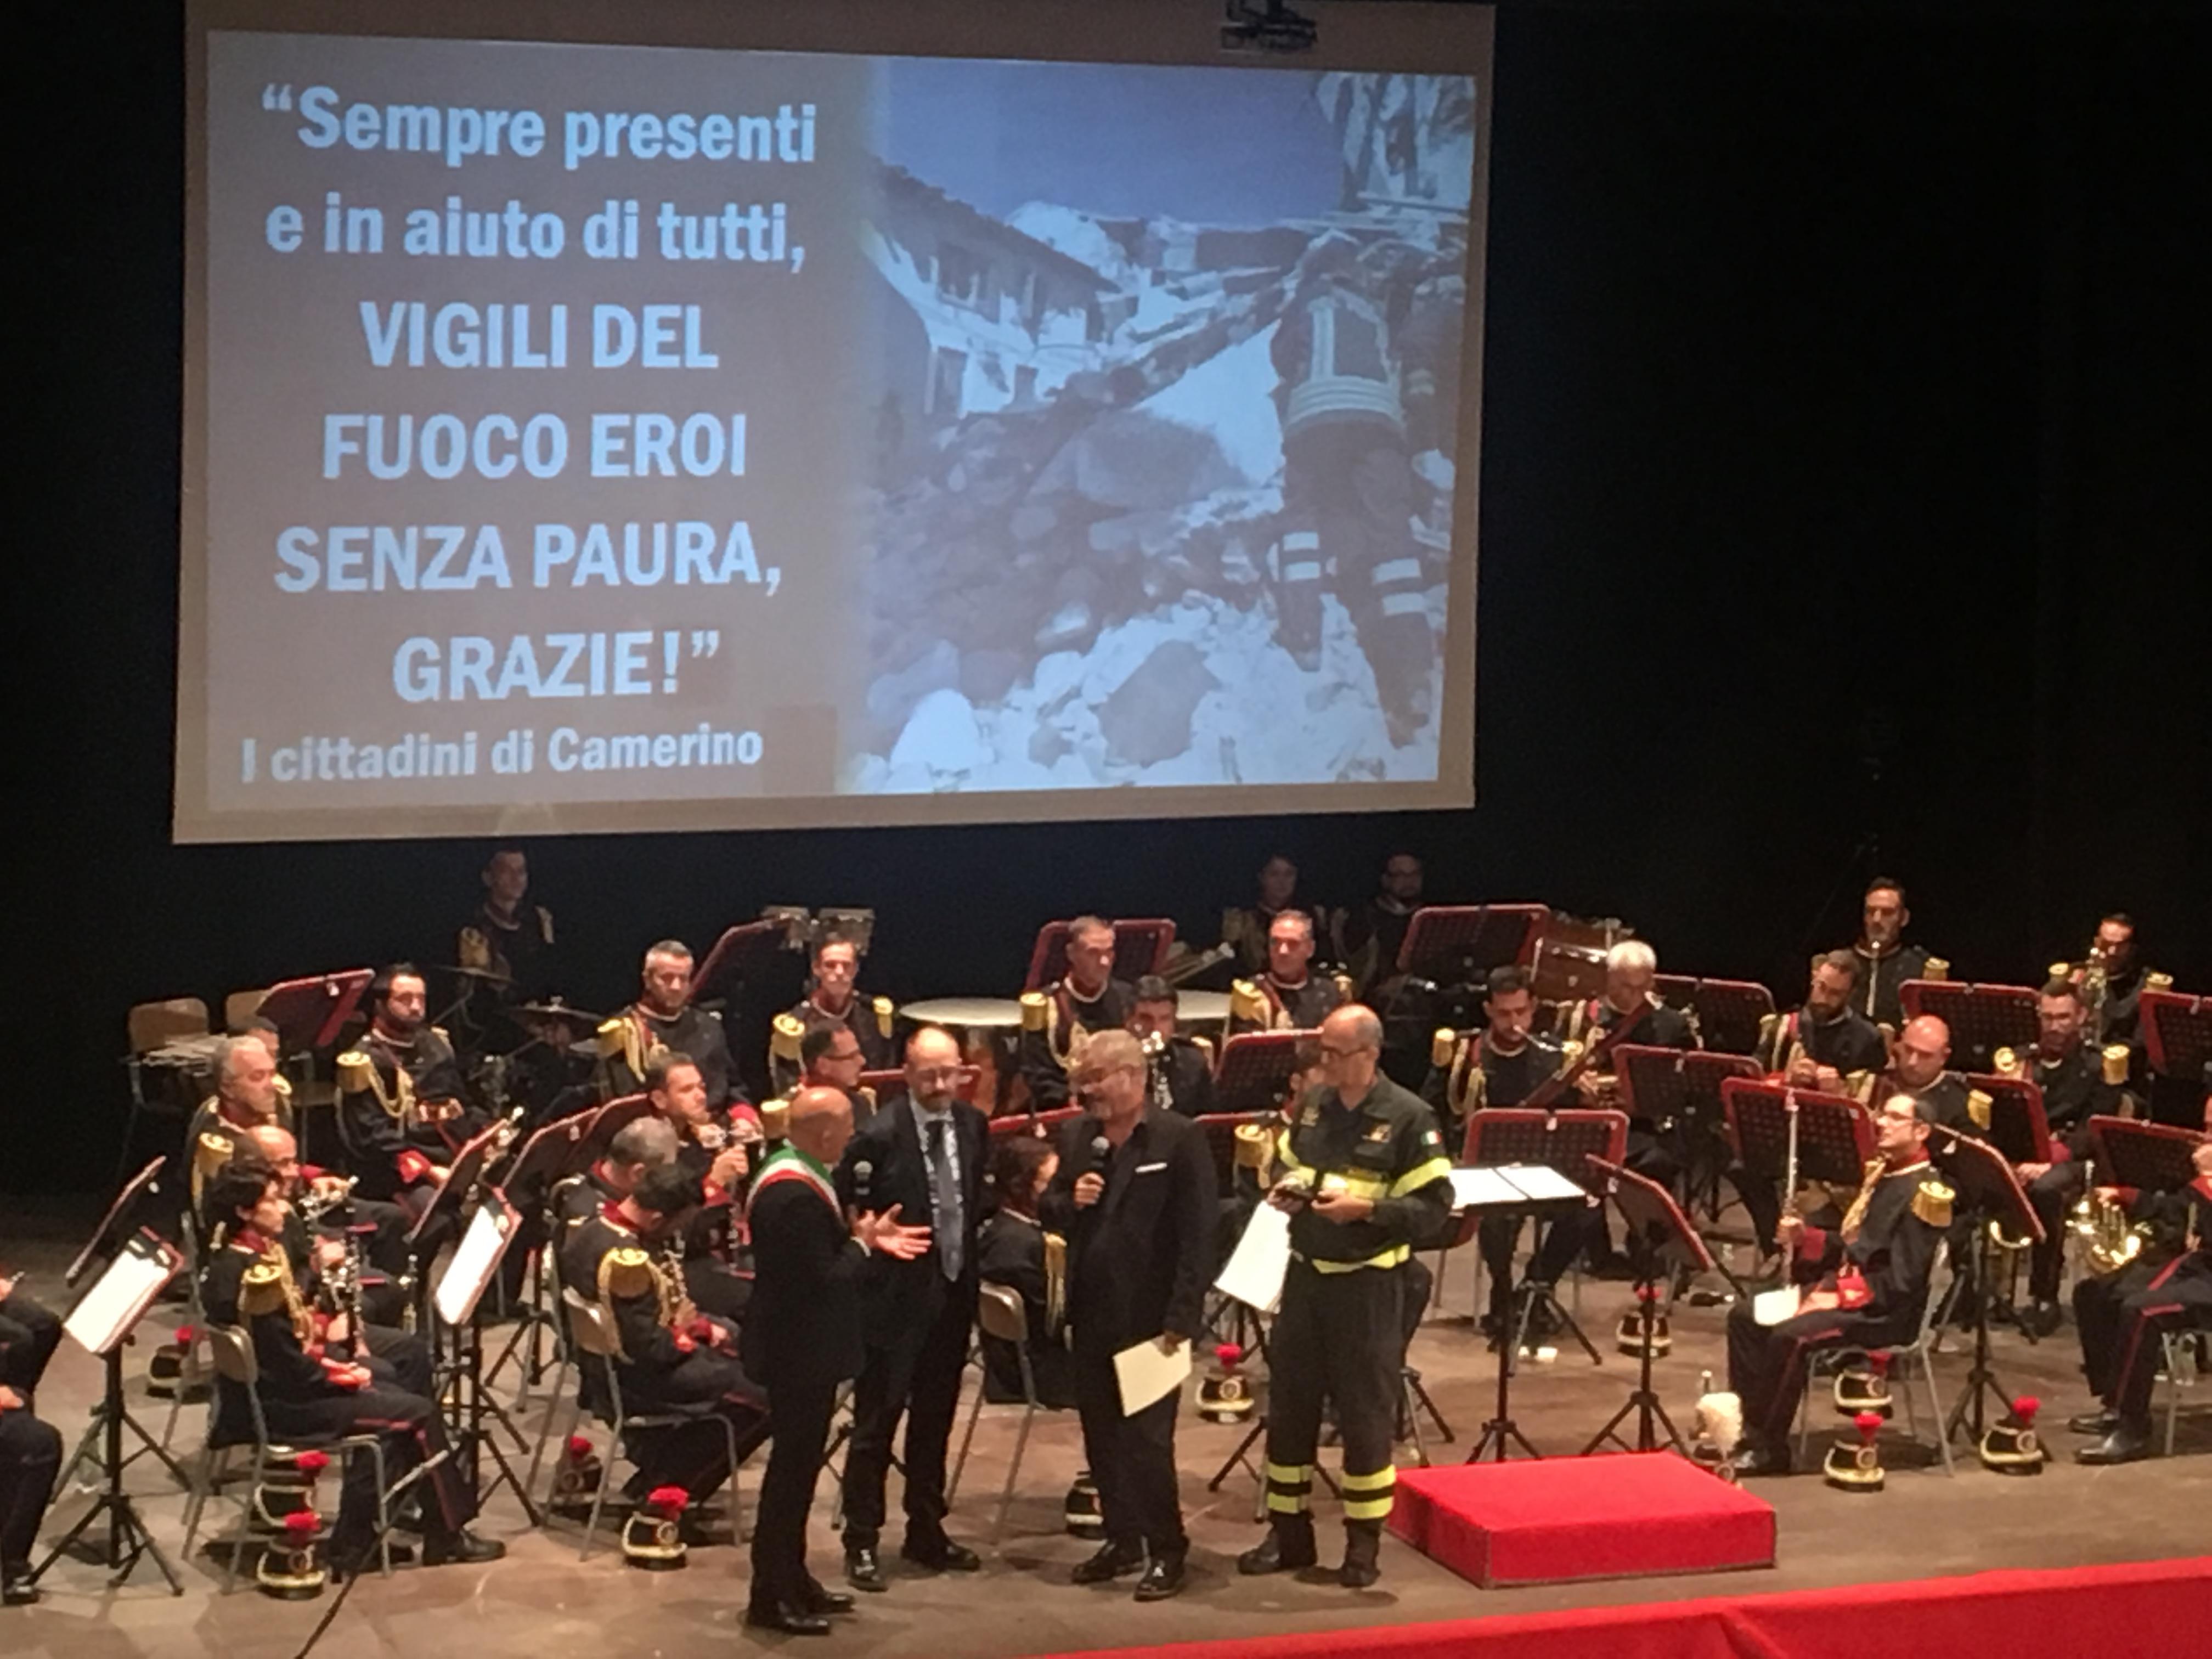 Il concerto della banda del Corpo nazionale dei Vigili del fuoco